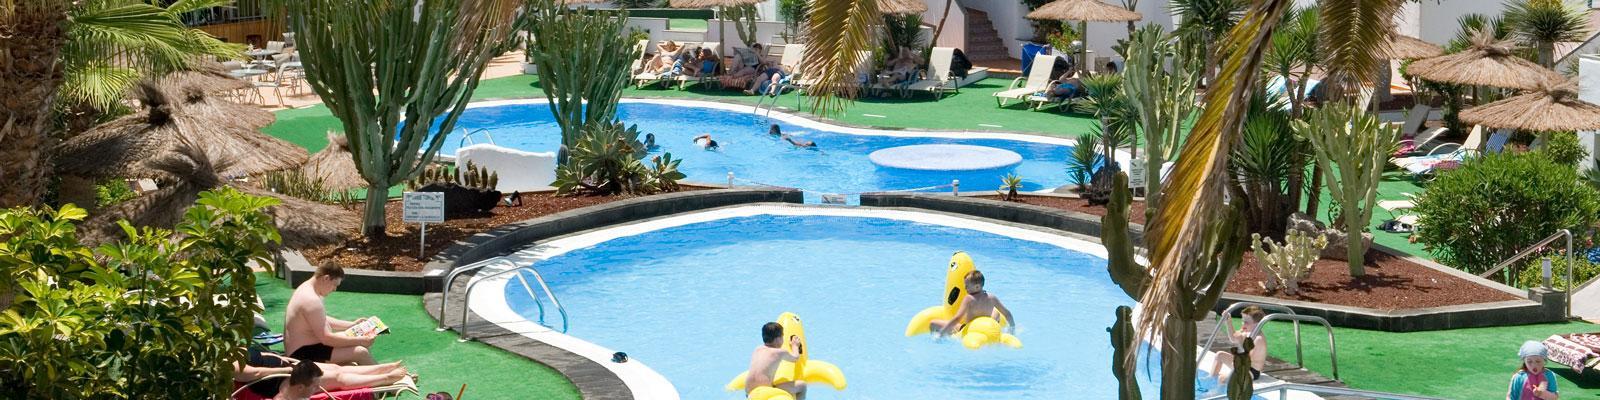 Parque Tropical Apartments - Puerto del Carmen Lanzarote